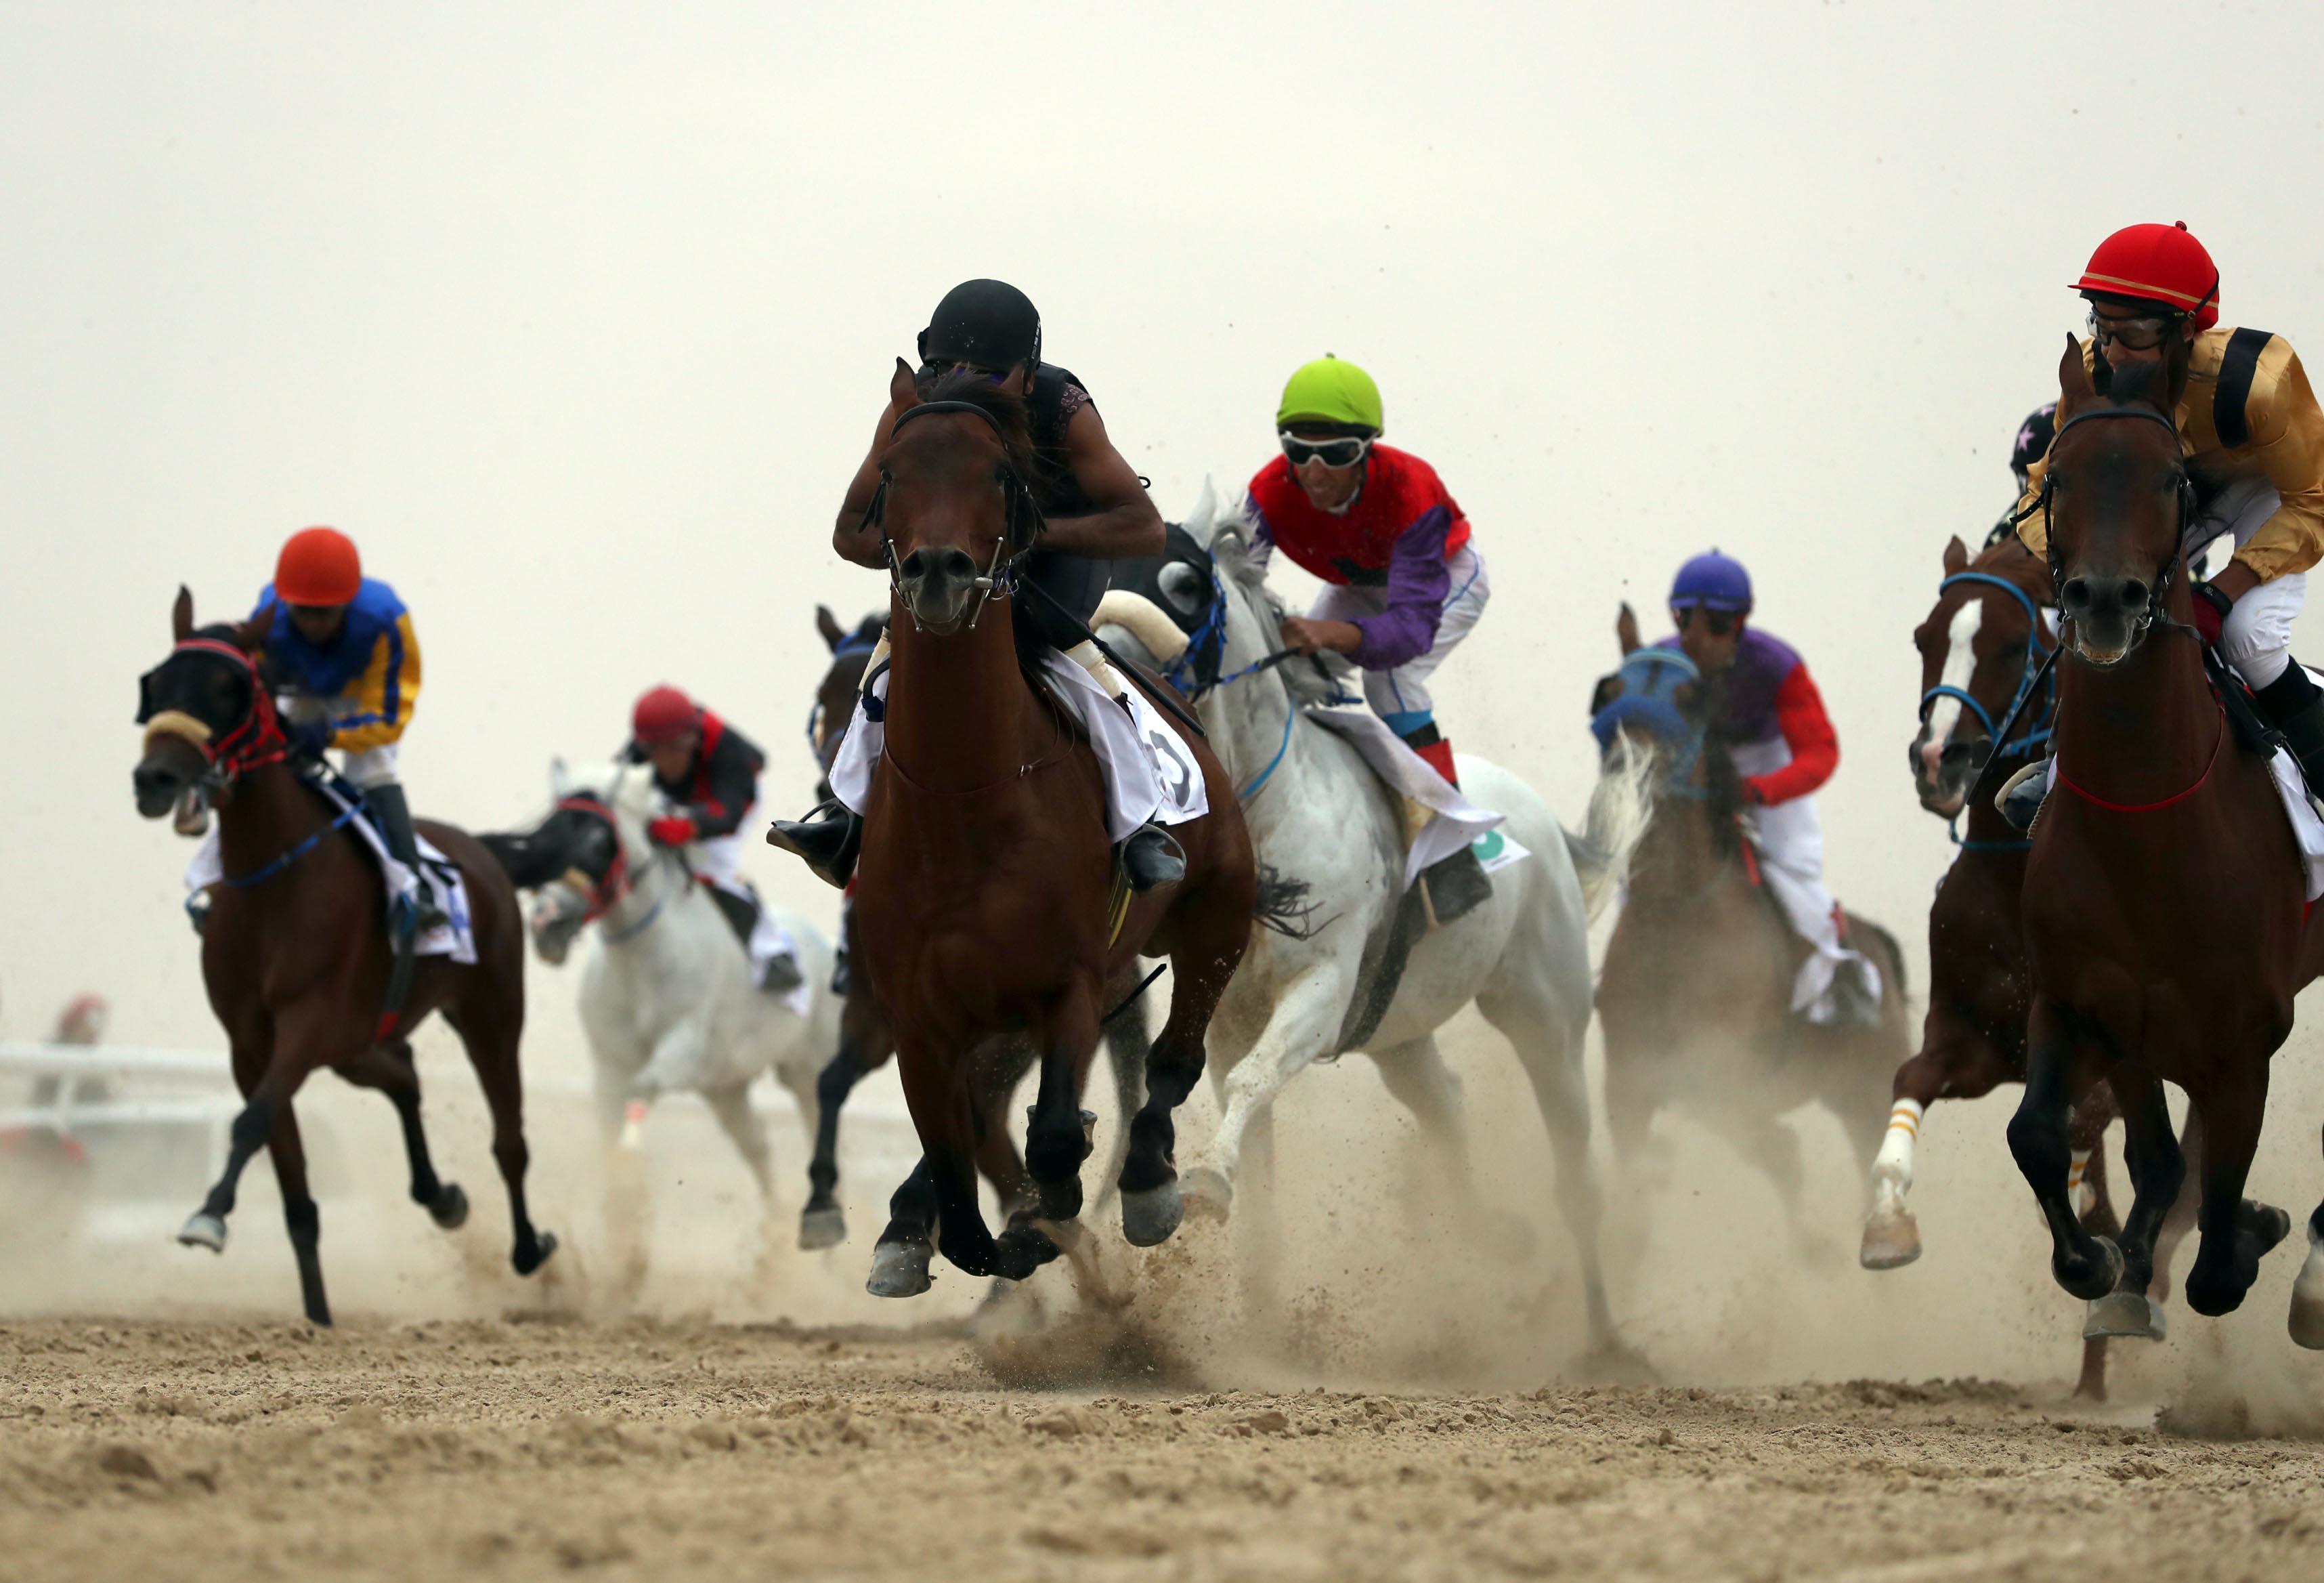 انطلاق سباق الخيول العربية الأصيلة يوم الجمعة 27 نوفمبر الجاري